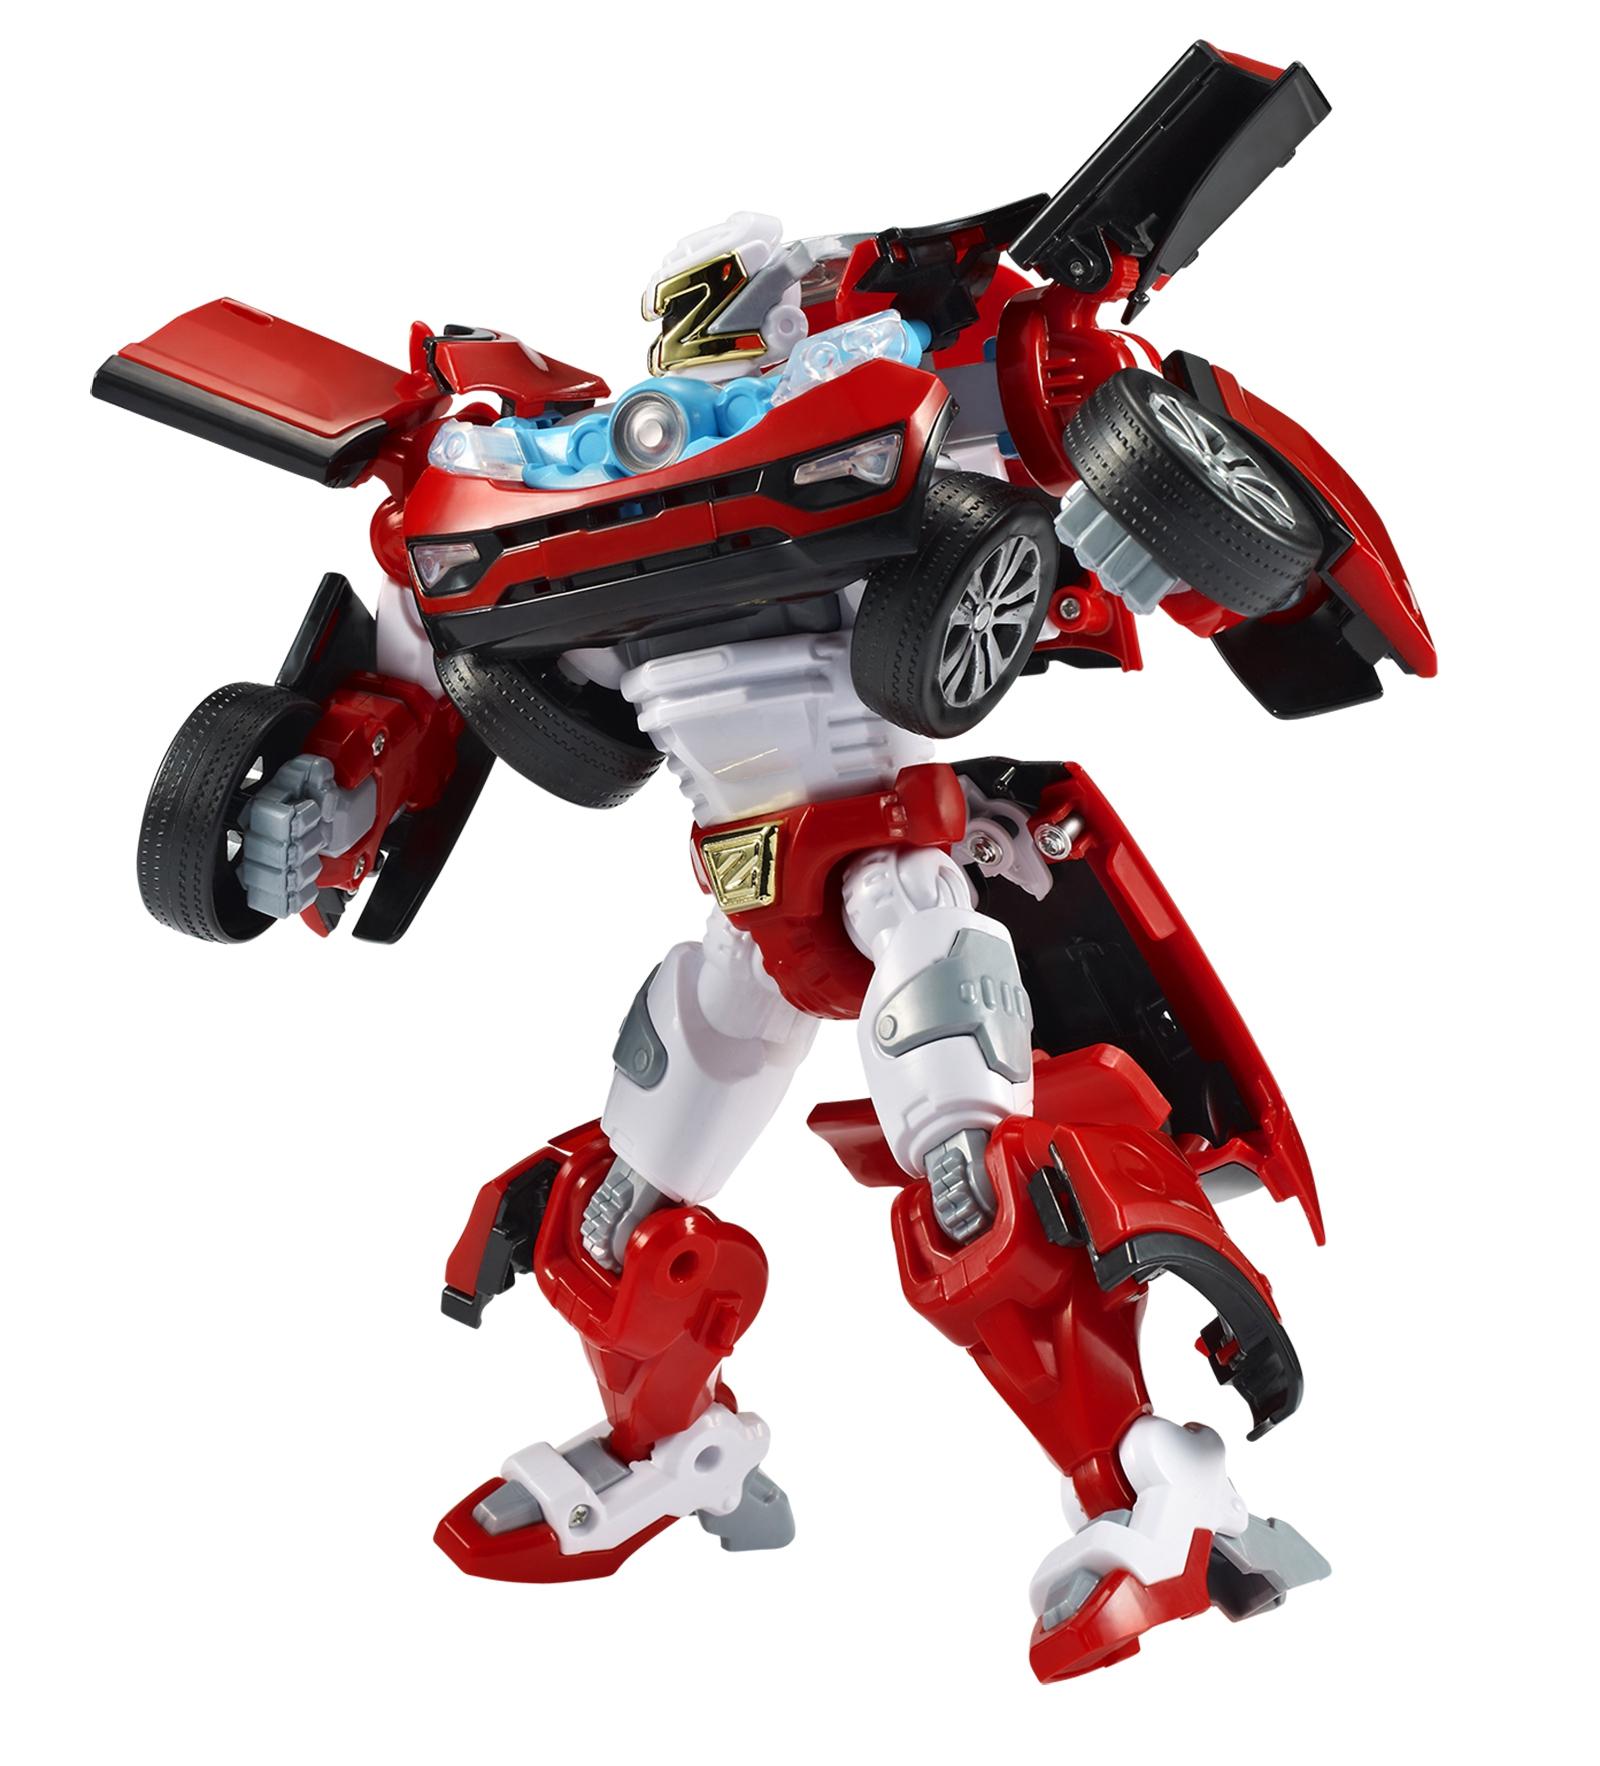 Машинки и мотоциклы Tobot Трансформер Tobot «Z» с аксессуарами робот трансформер tobot тобот эволюция y со звуком и светом 301011